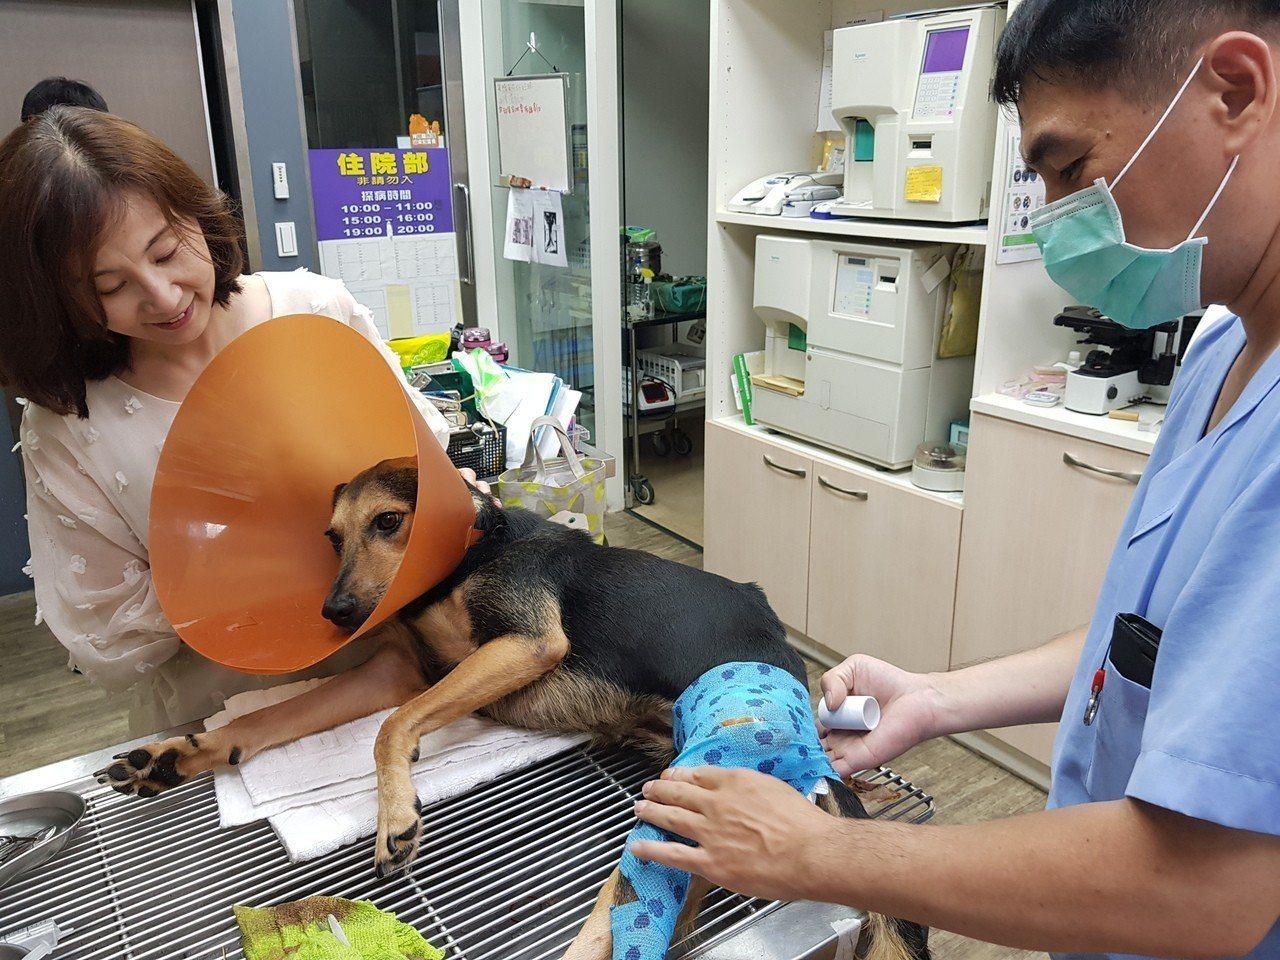 台灣幸福狗流浪中途協會,由人稱「陳愛媽」的陳淑娟發起,已經營逾十年,至今協助近千...